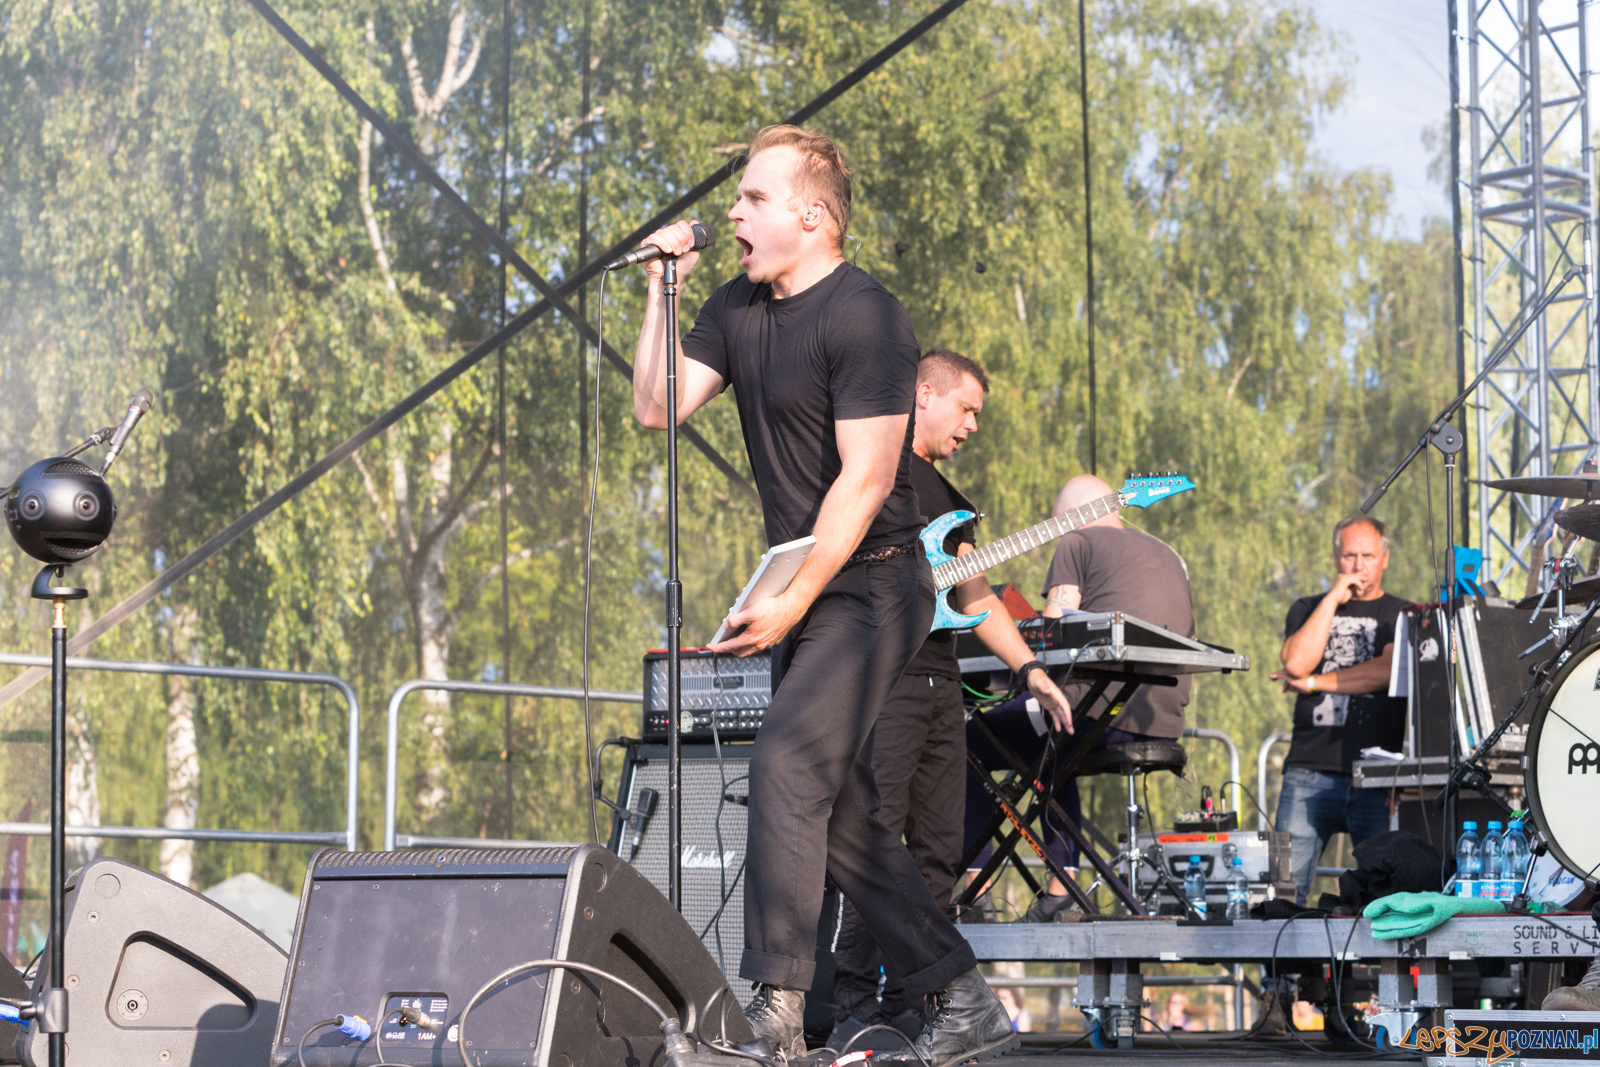 #NaFalach - Luxfest - Coma  Foto: lepszyPOZNAN.pl/Piotr Rychter